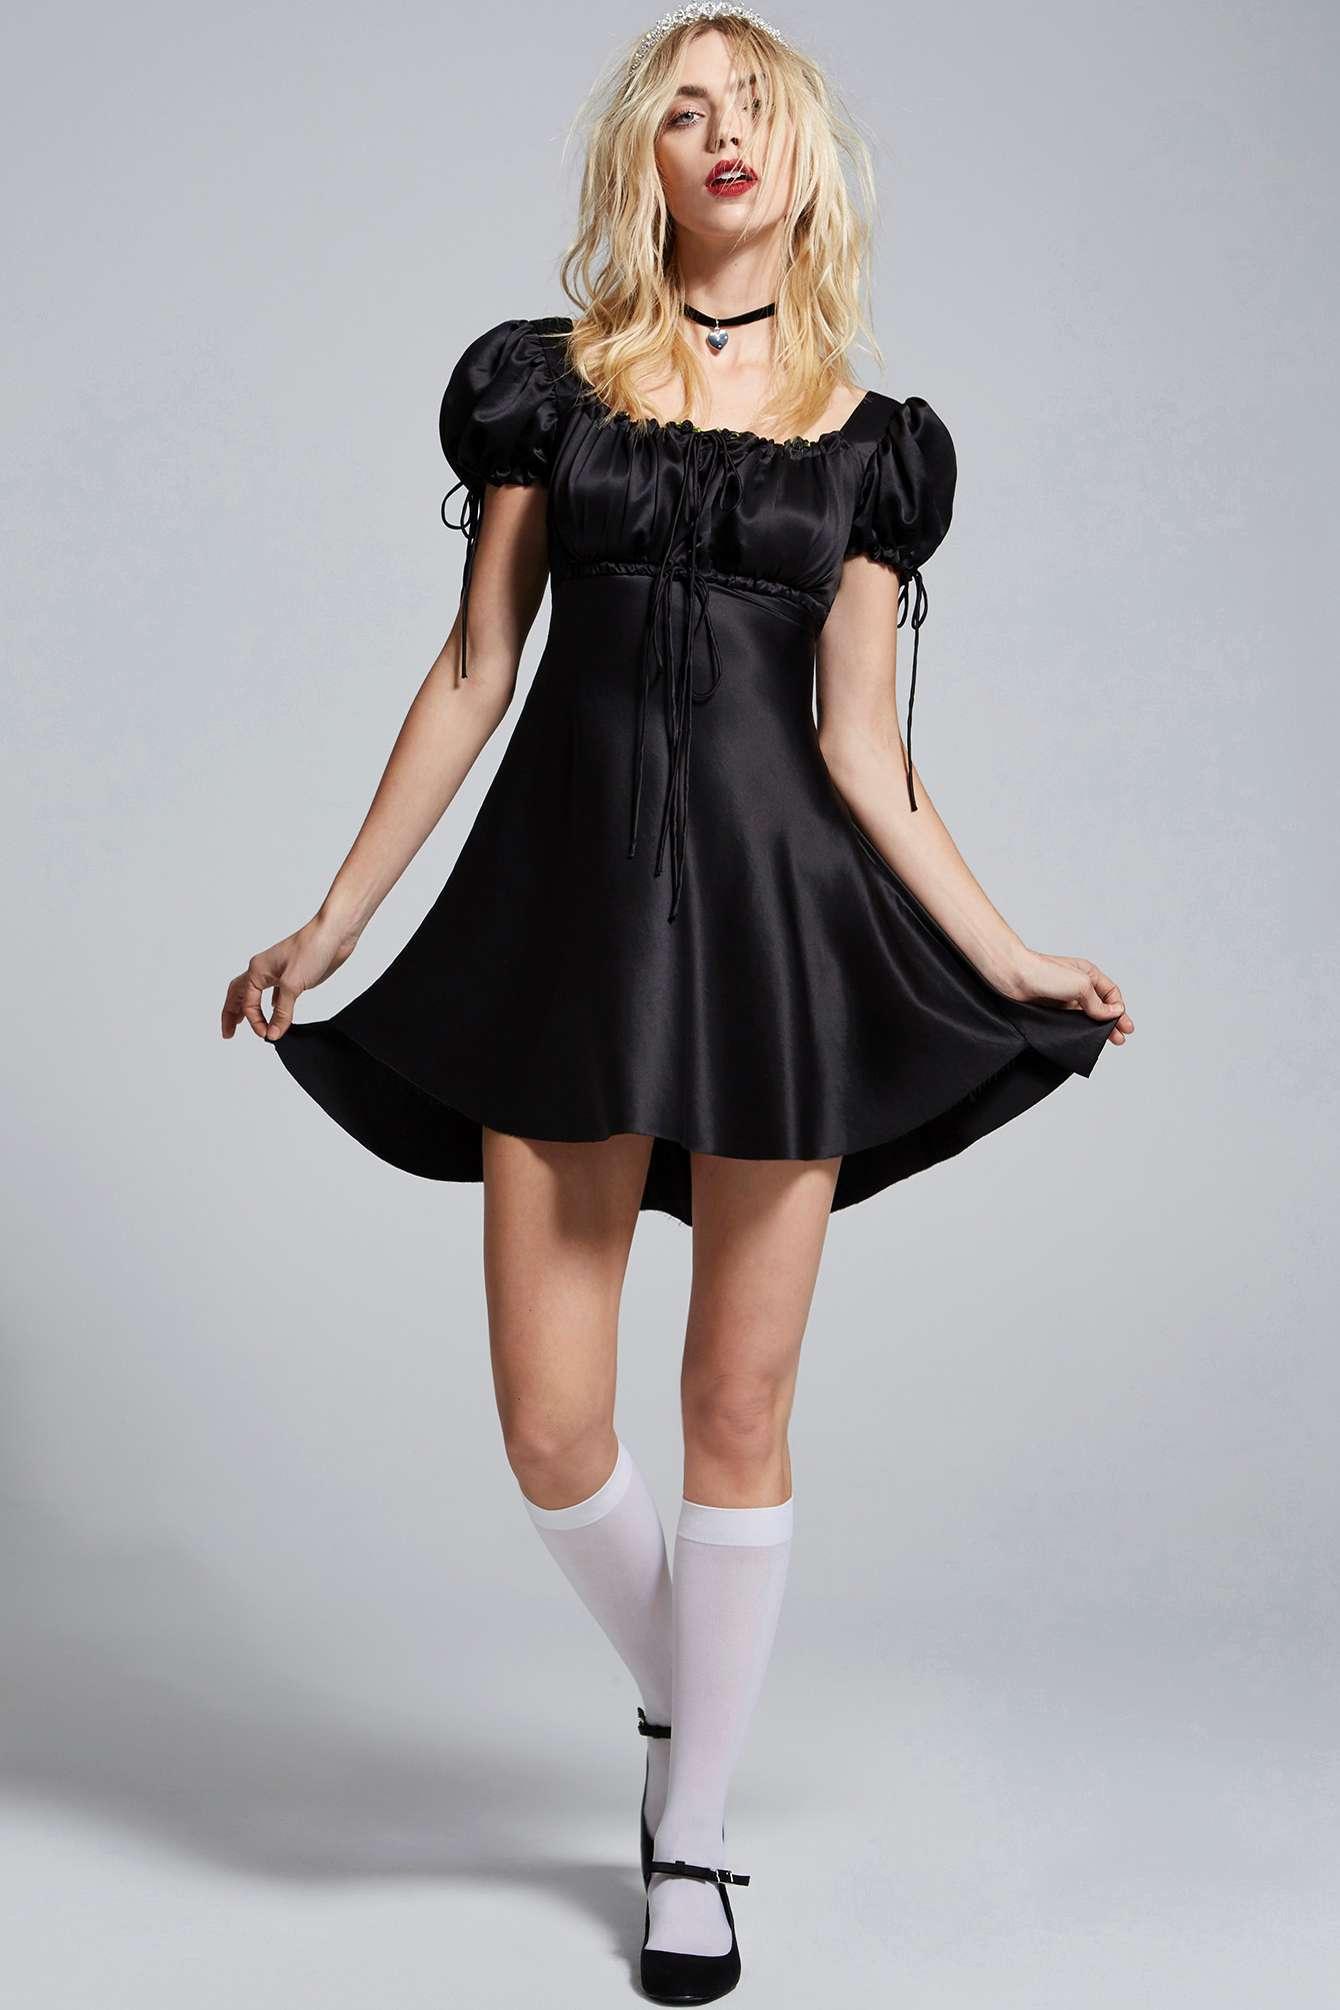 Courtney Love Nasty Gal